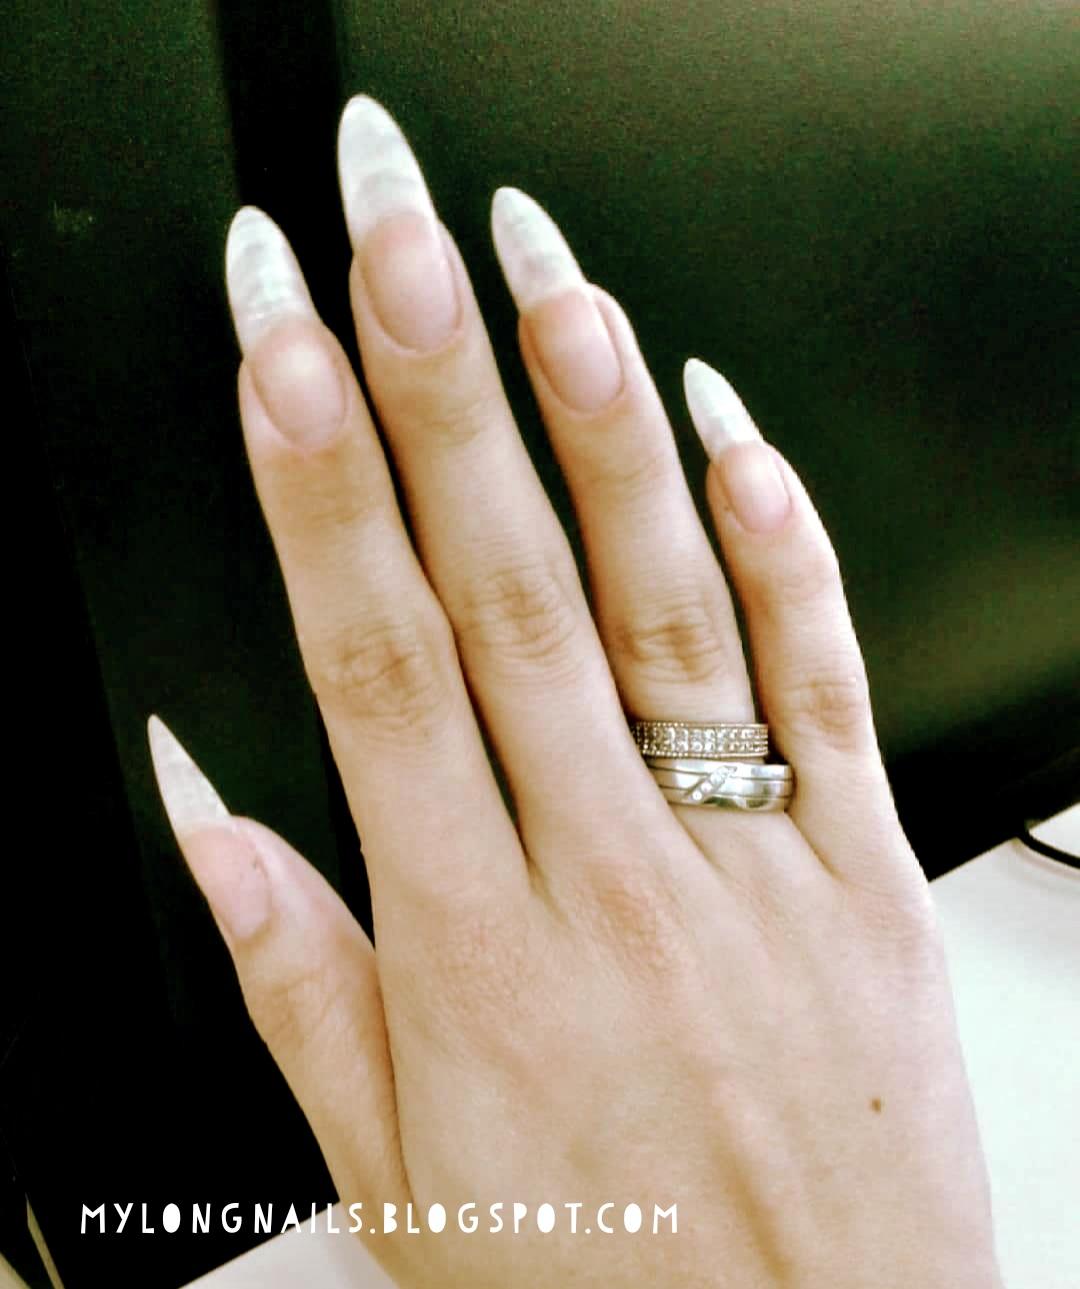 Long Nails: Julia\'s beautiful natural long nails - 1